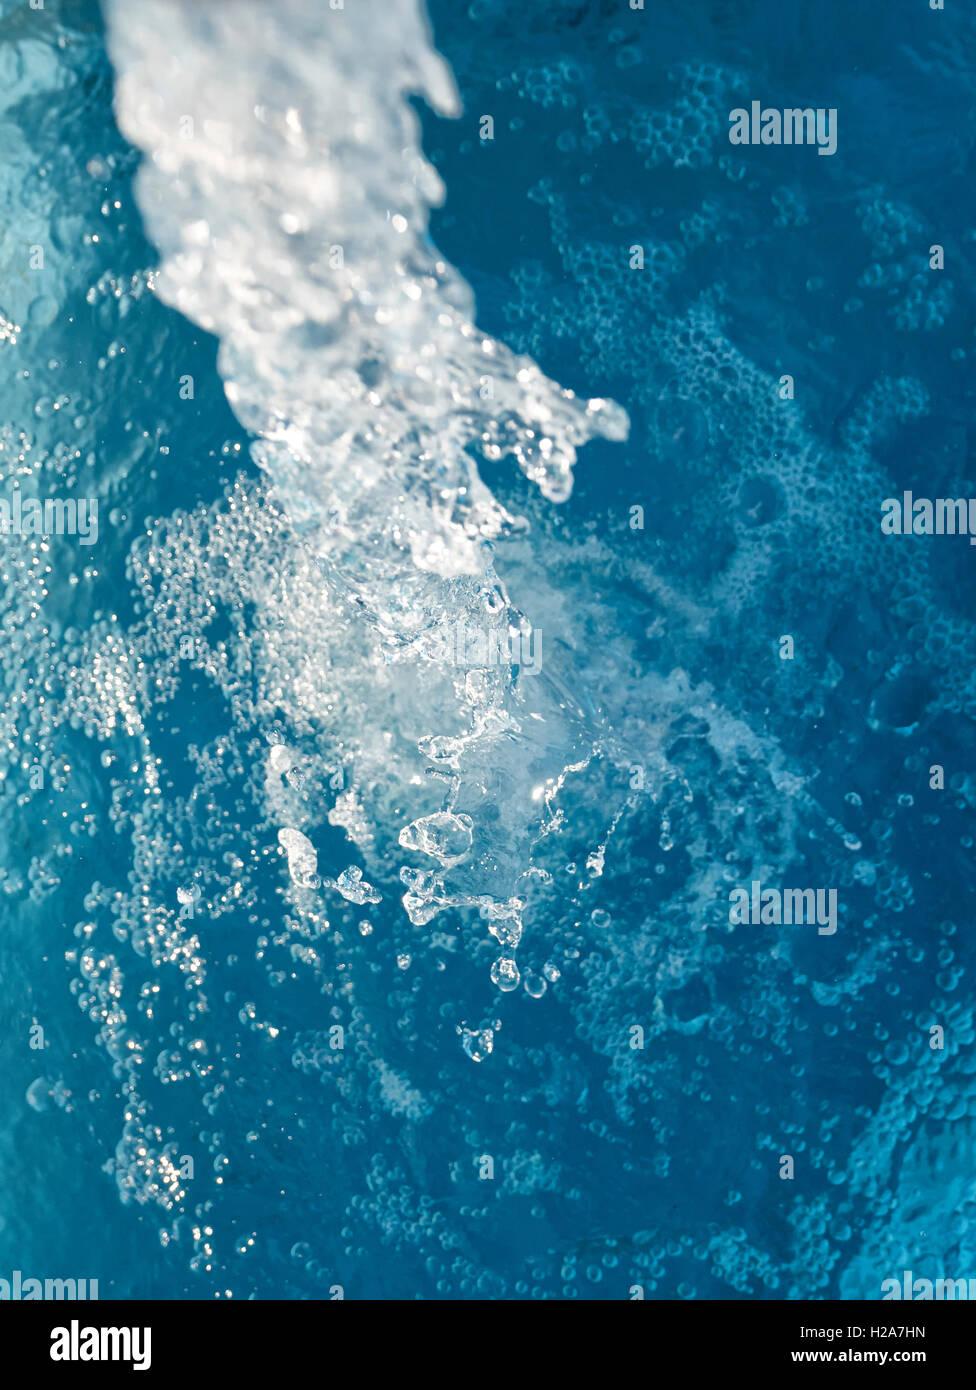 El agua que fluye, oxigenación de las burbujas de aire. Imagen De Stock